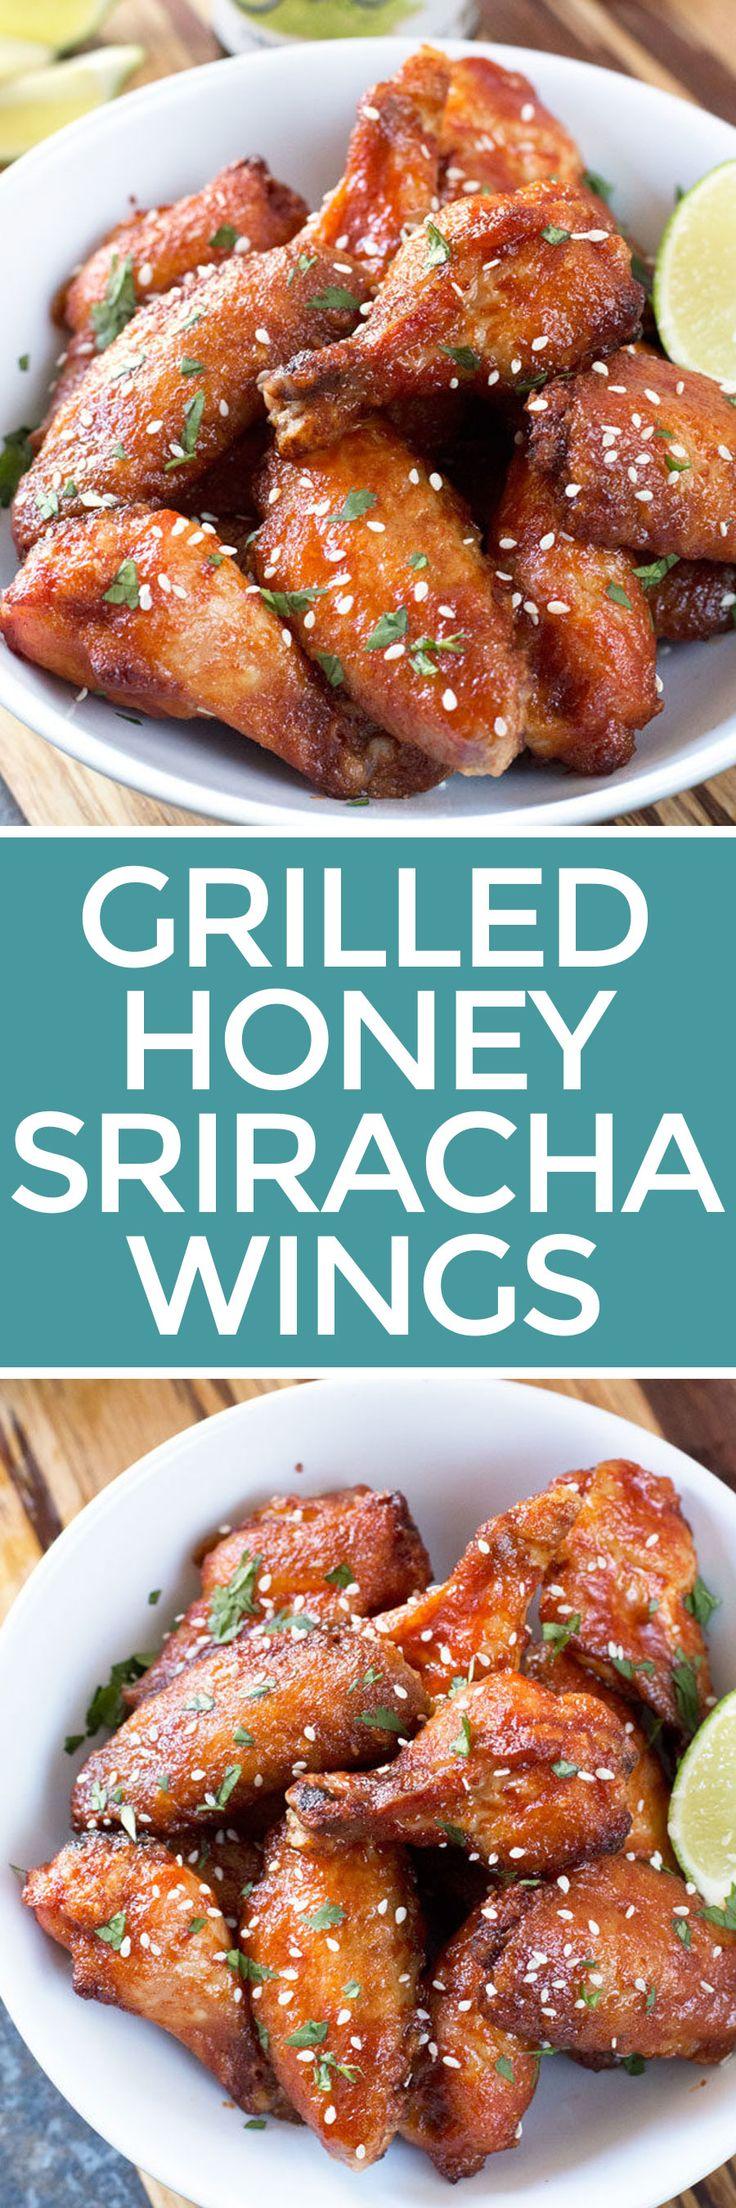 Grilled Honey Sriracha Wings – Cake 'n Knife